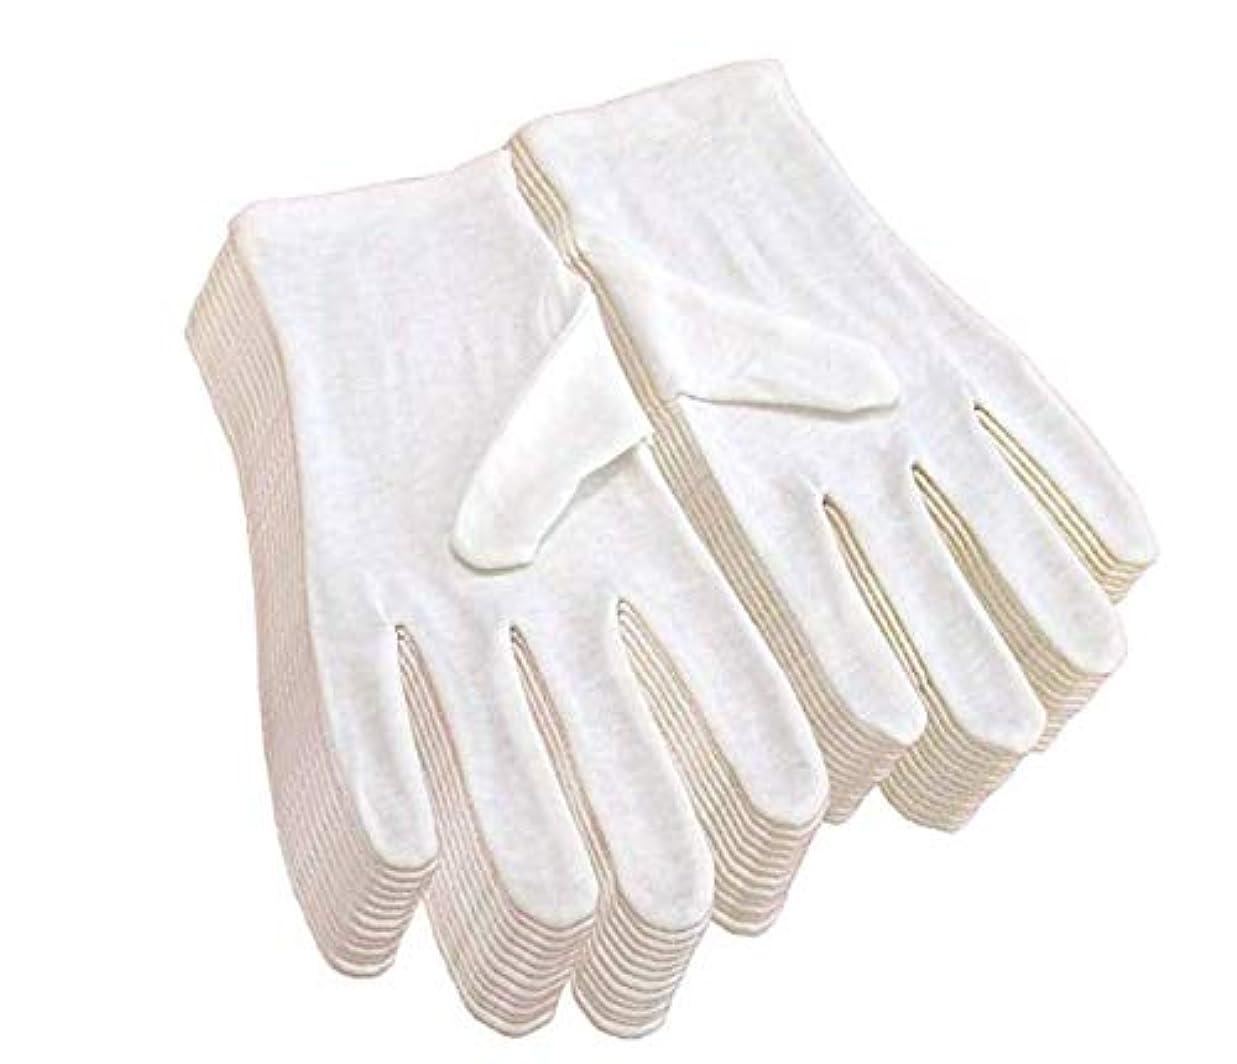 契約した配列ギャップMukexi コットン手袋 綿手袋 手荒れ 純綿100% 使い捨て 白手袋 薄手 お休み 湿疹 乾燥肌 保湿 礼装用 メンズ 手袋 レディース 12双組